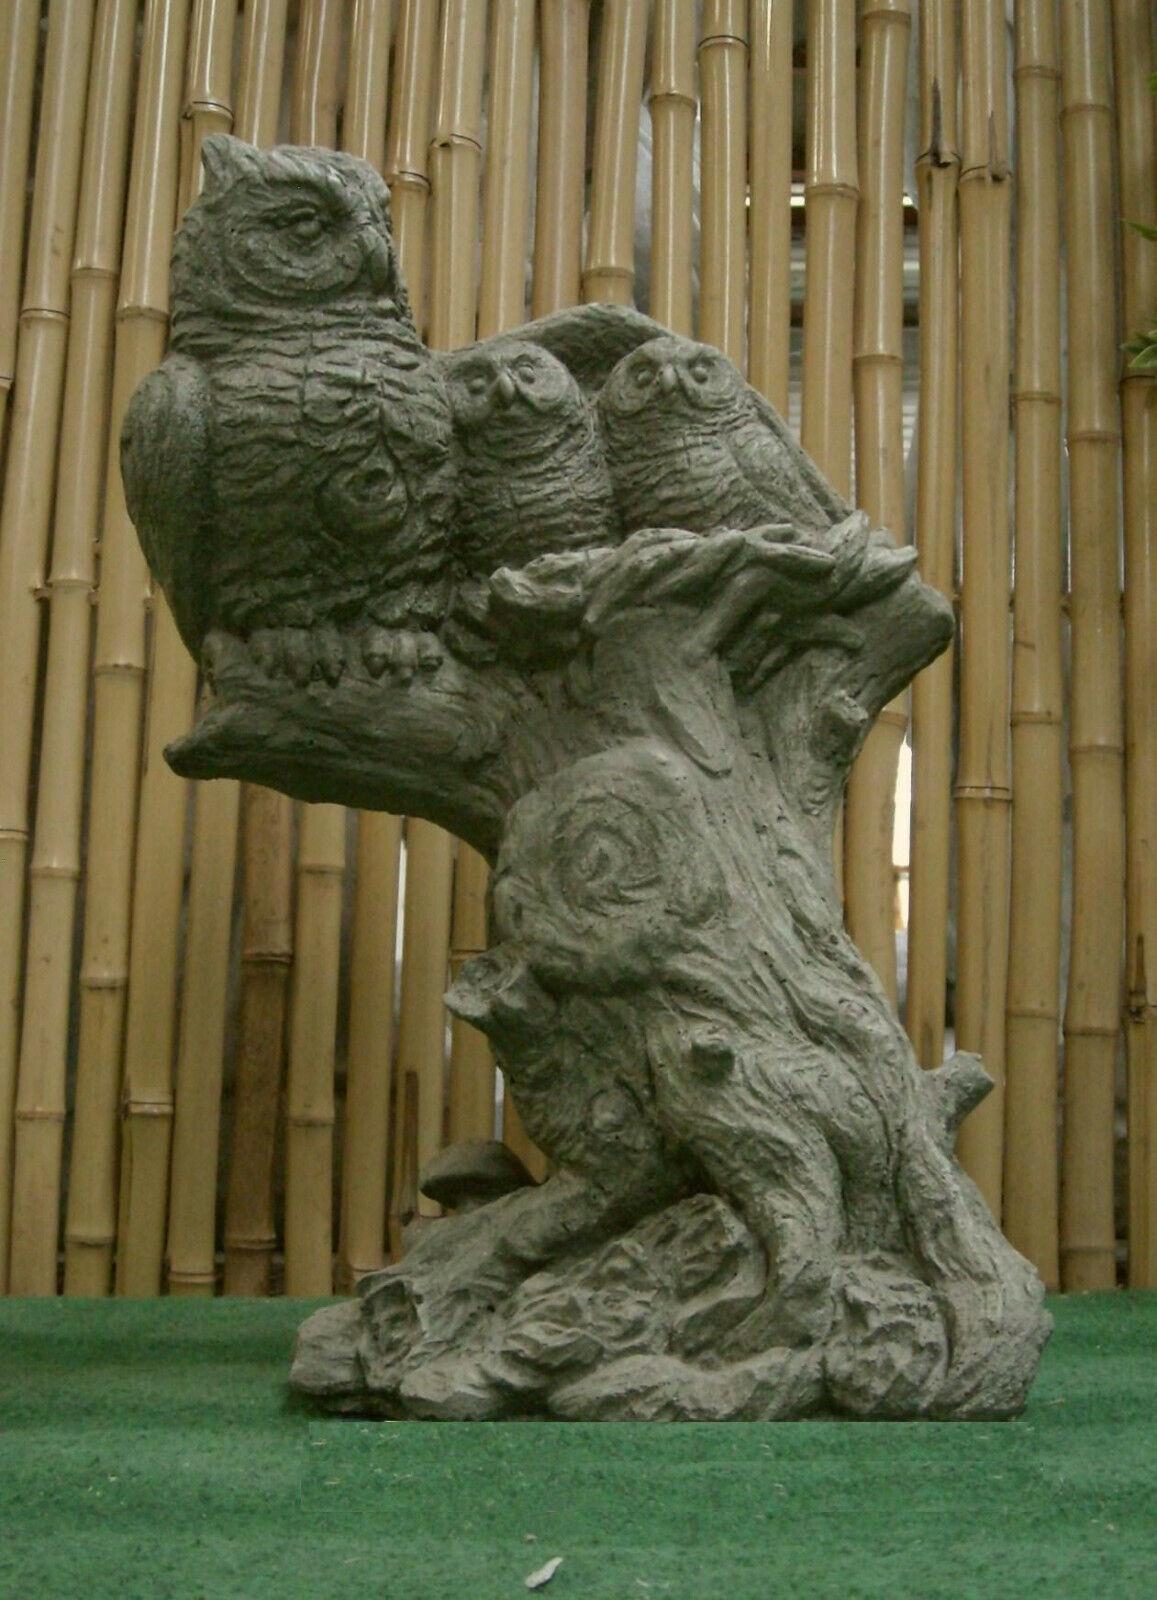 Lechuzas familia en tronco de árbol lechuzas animal personaje piedra fundición Frost Festival pájaro nuevo su-735